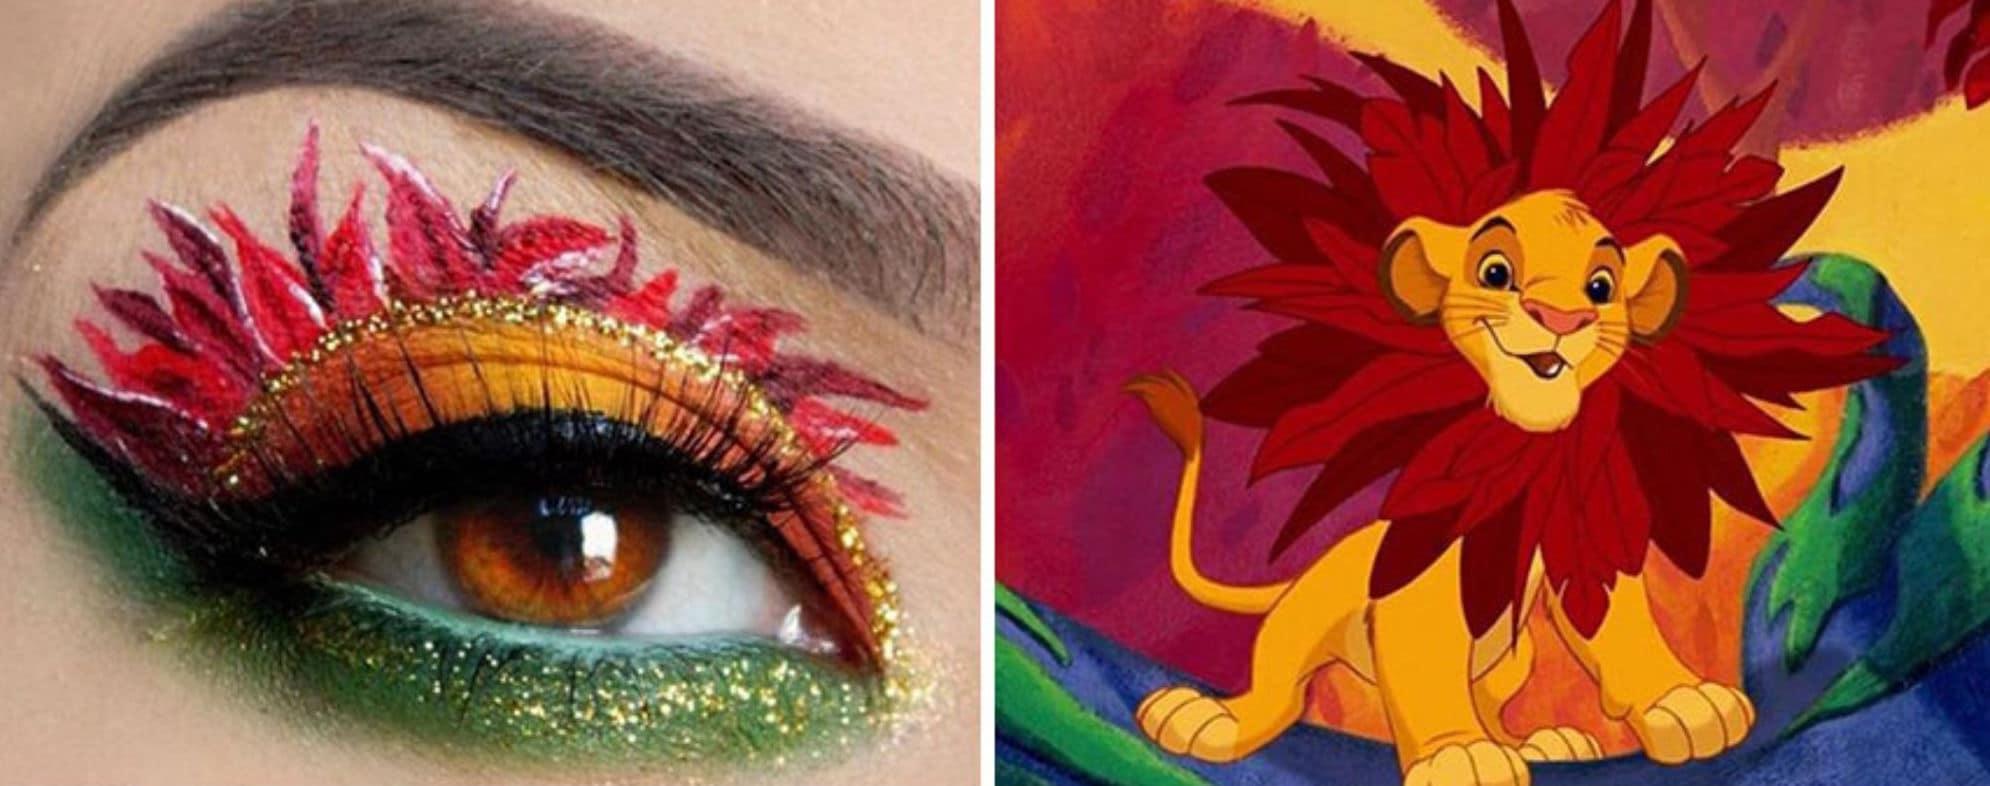 Cette makeup artist reproduit des scènes de Disney et le résultat est magnifique !